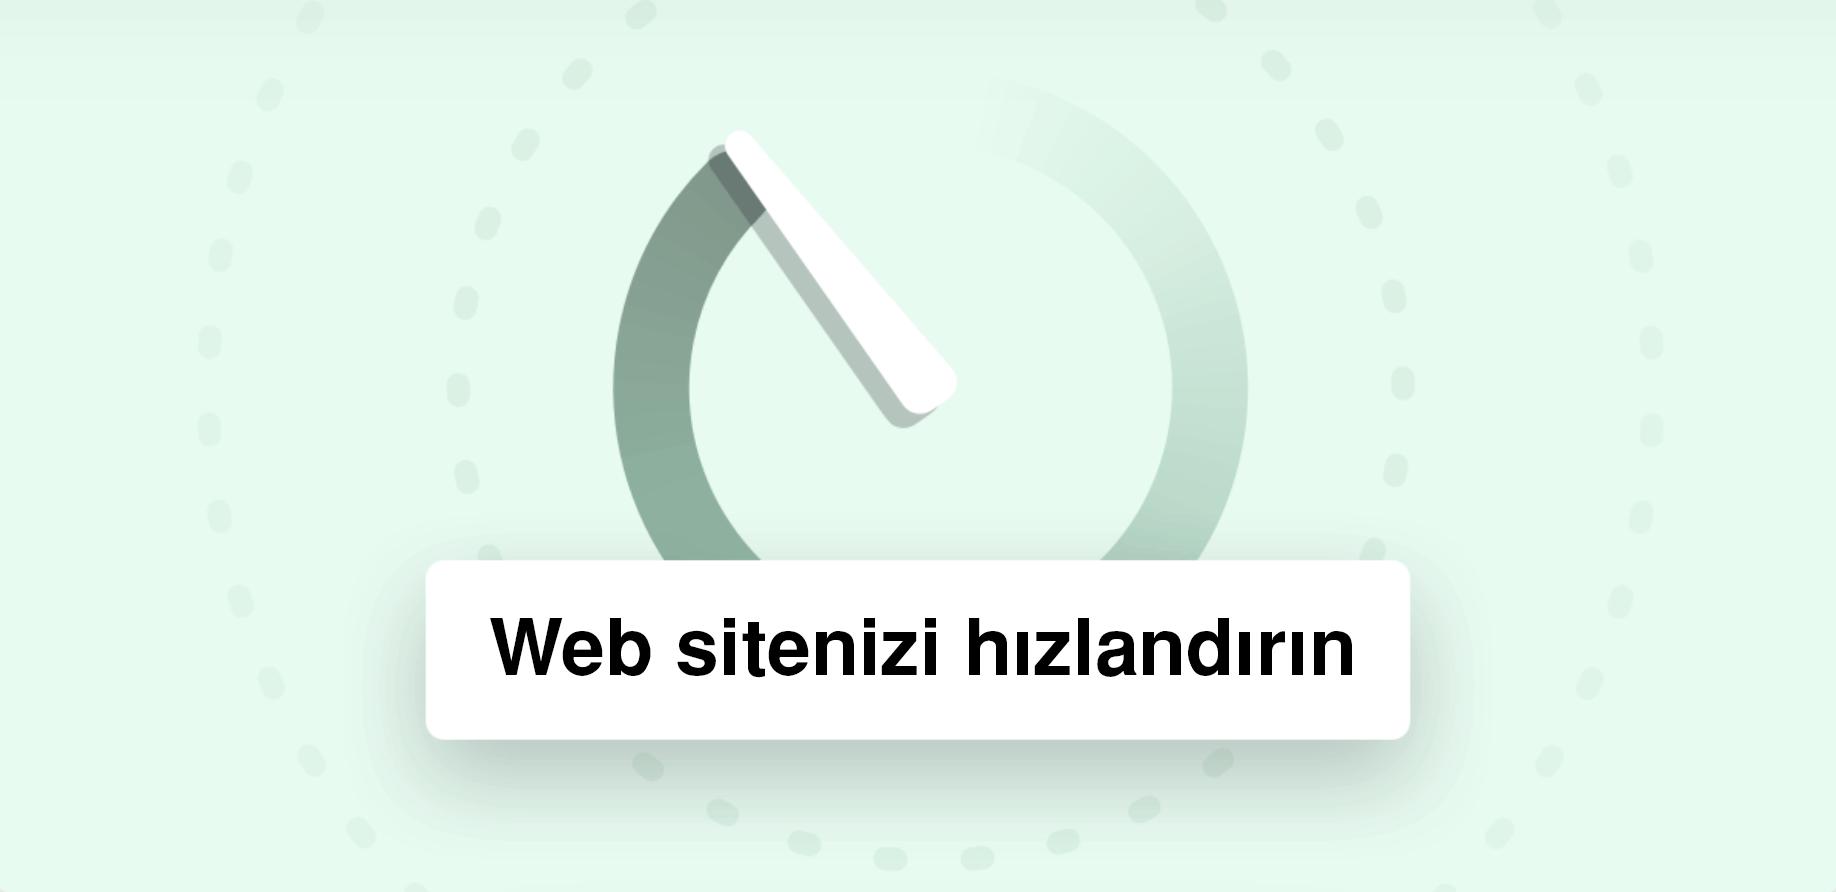 WordPress web sitesi hızlandırma